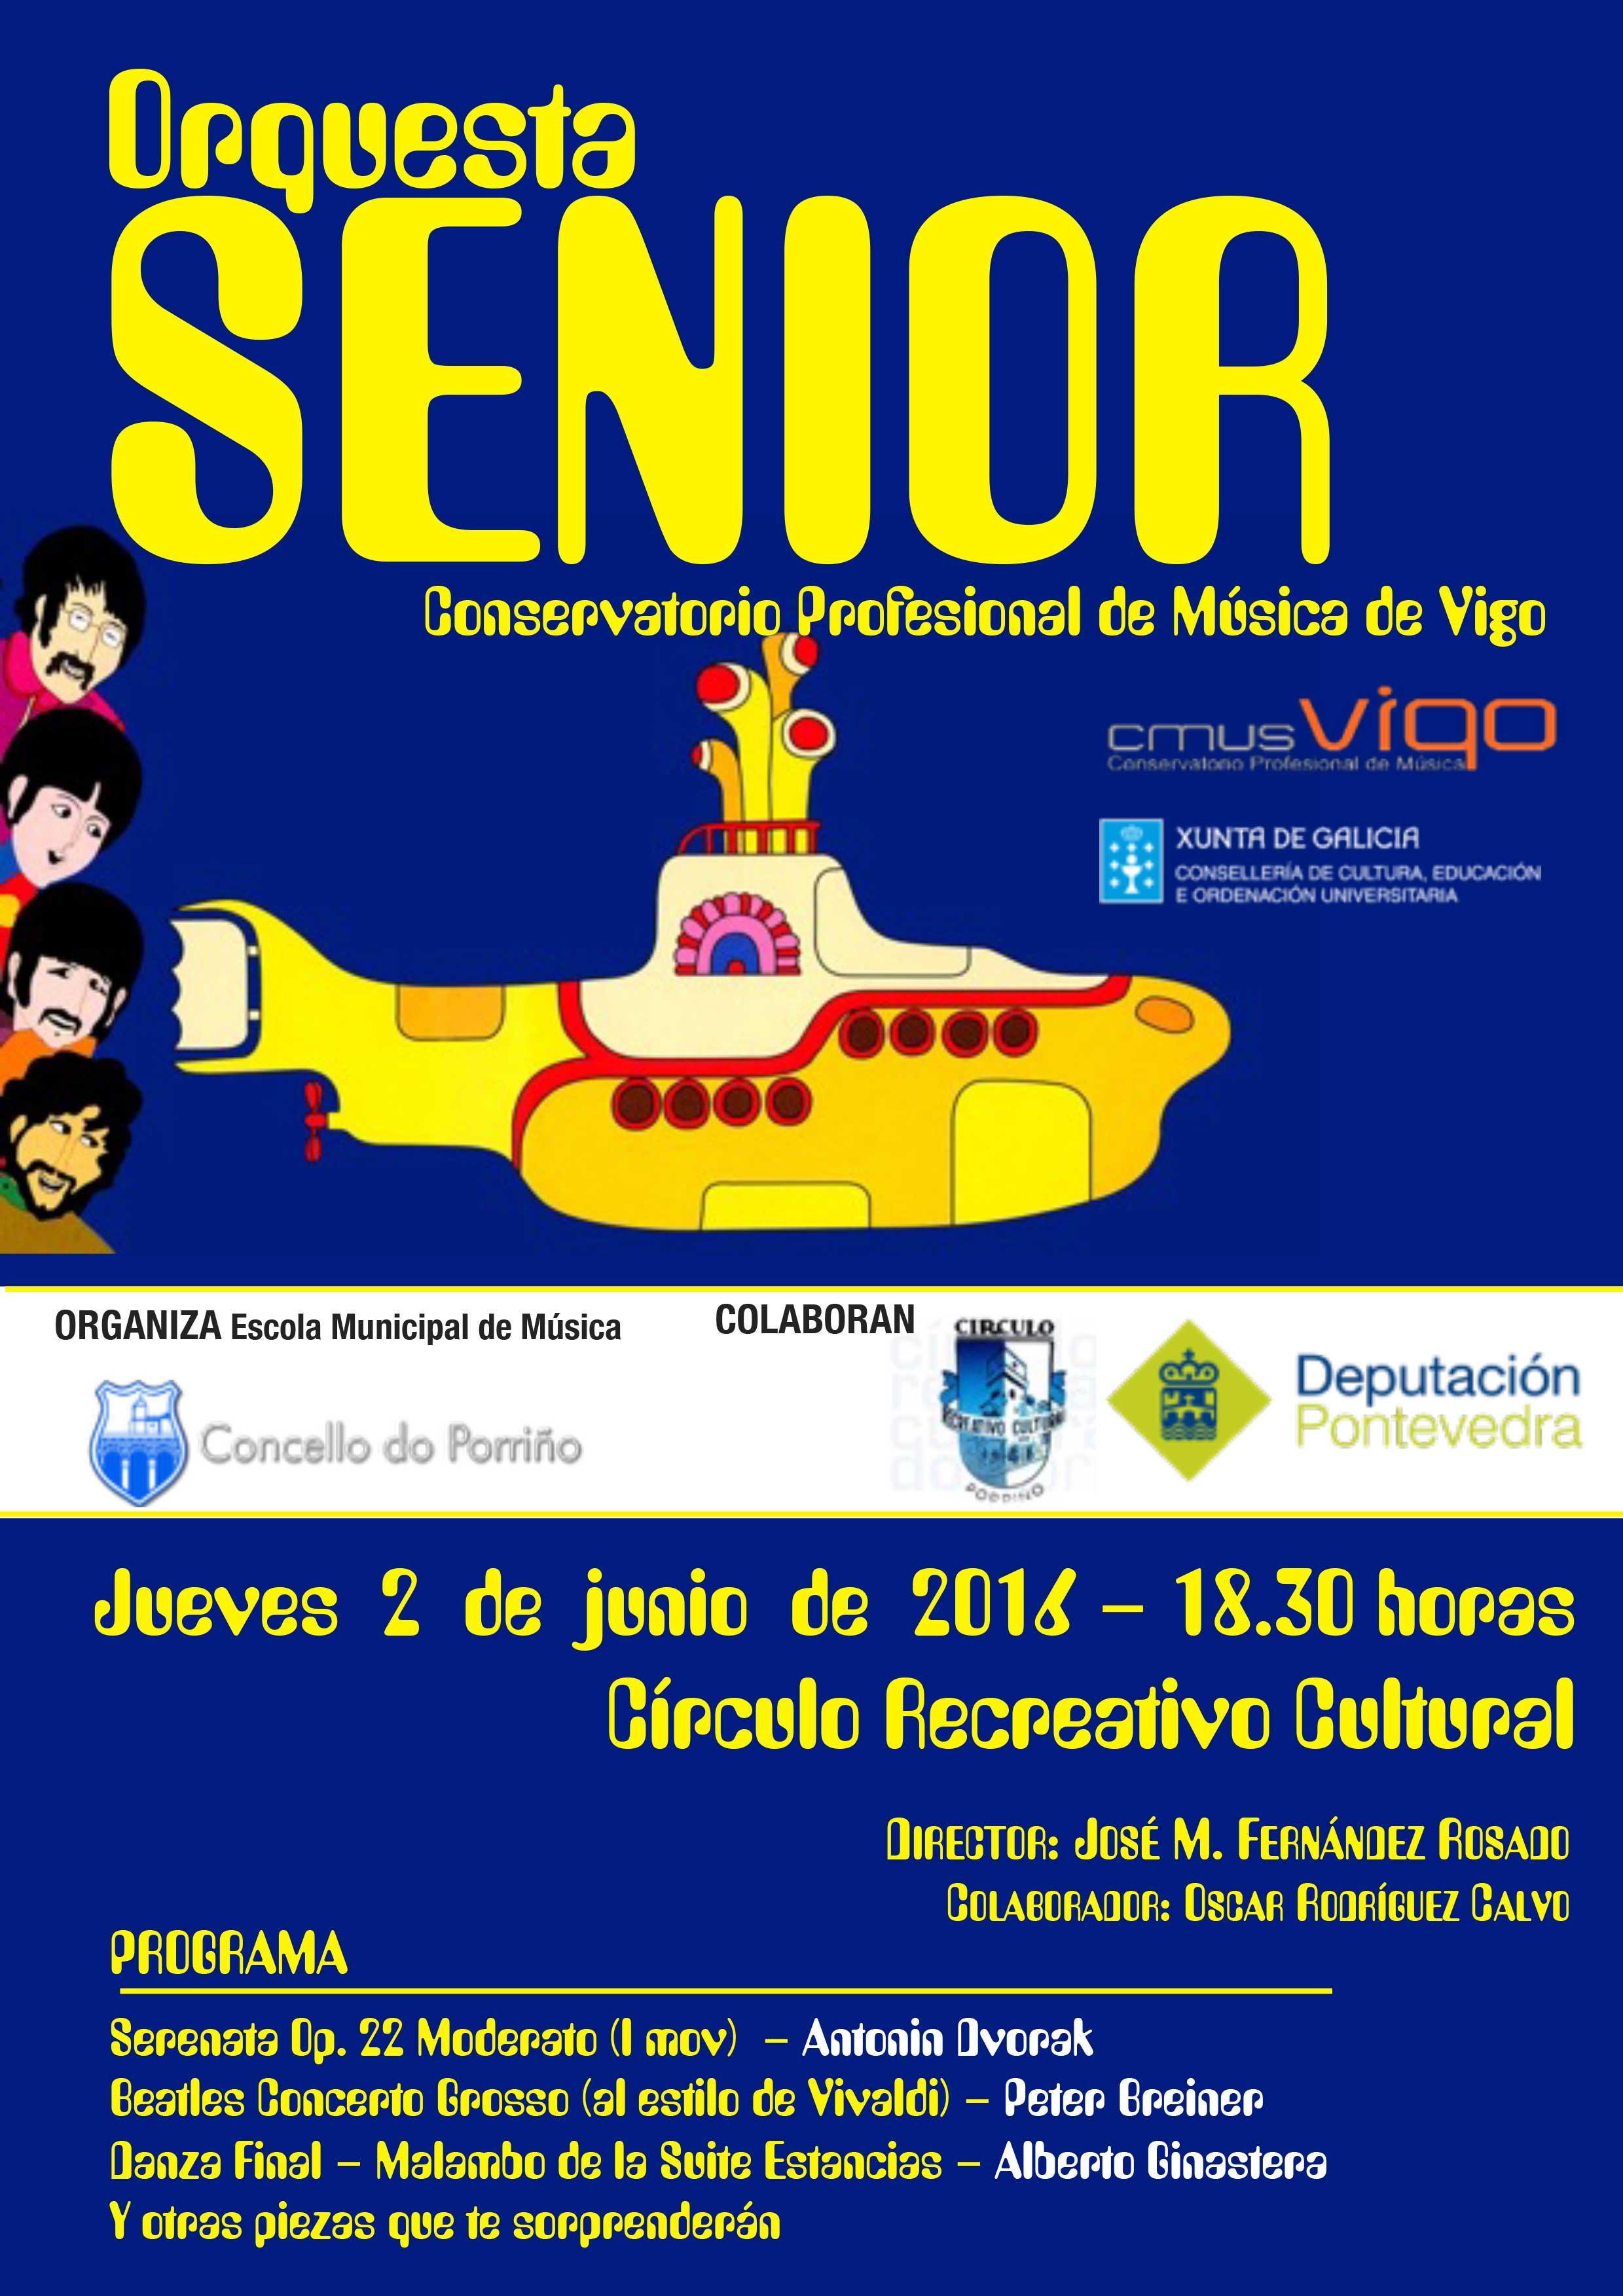 Cartel-orquesta-senior-Cmus-Vigo